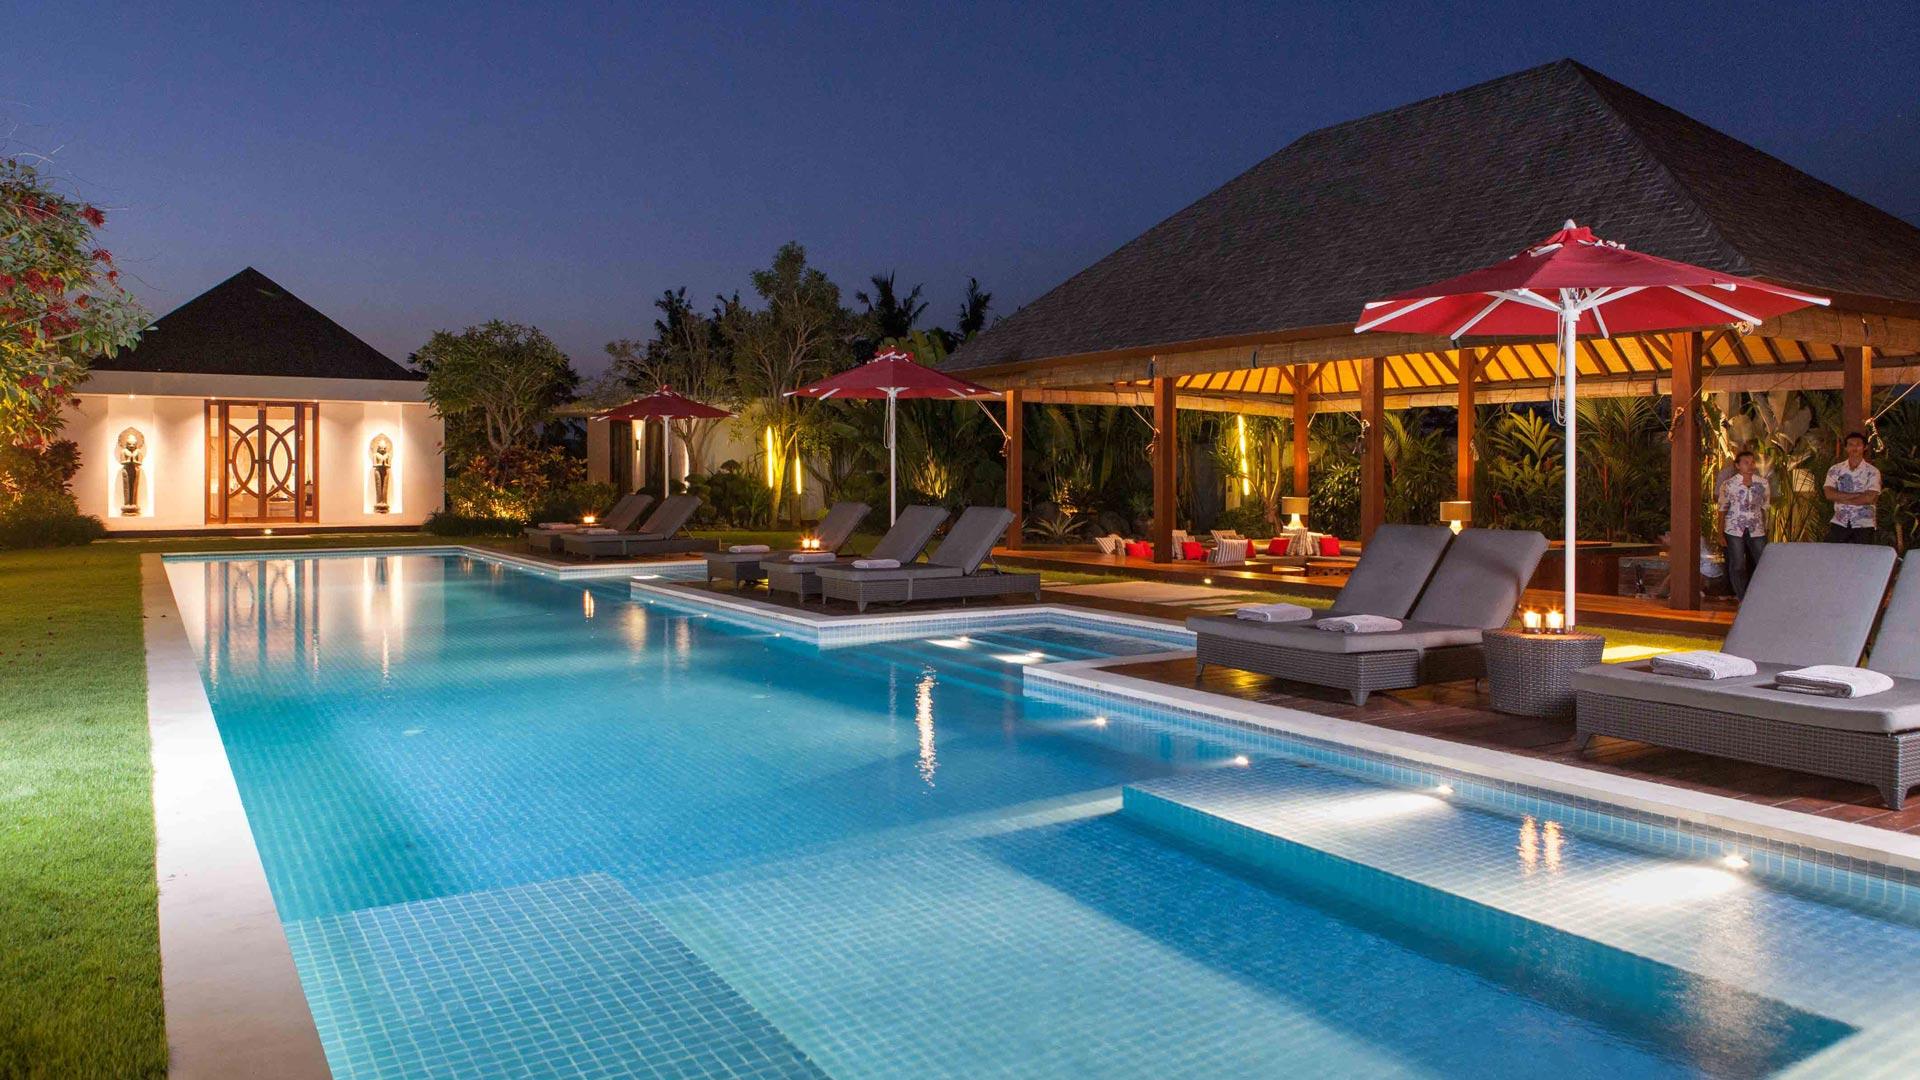 Bali S Best Party Villas Ultimate Bali